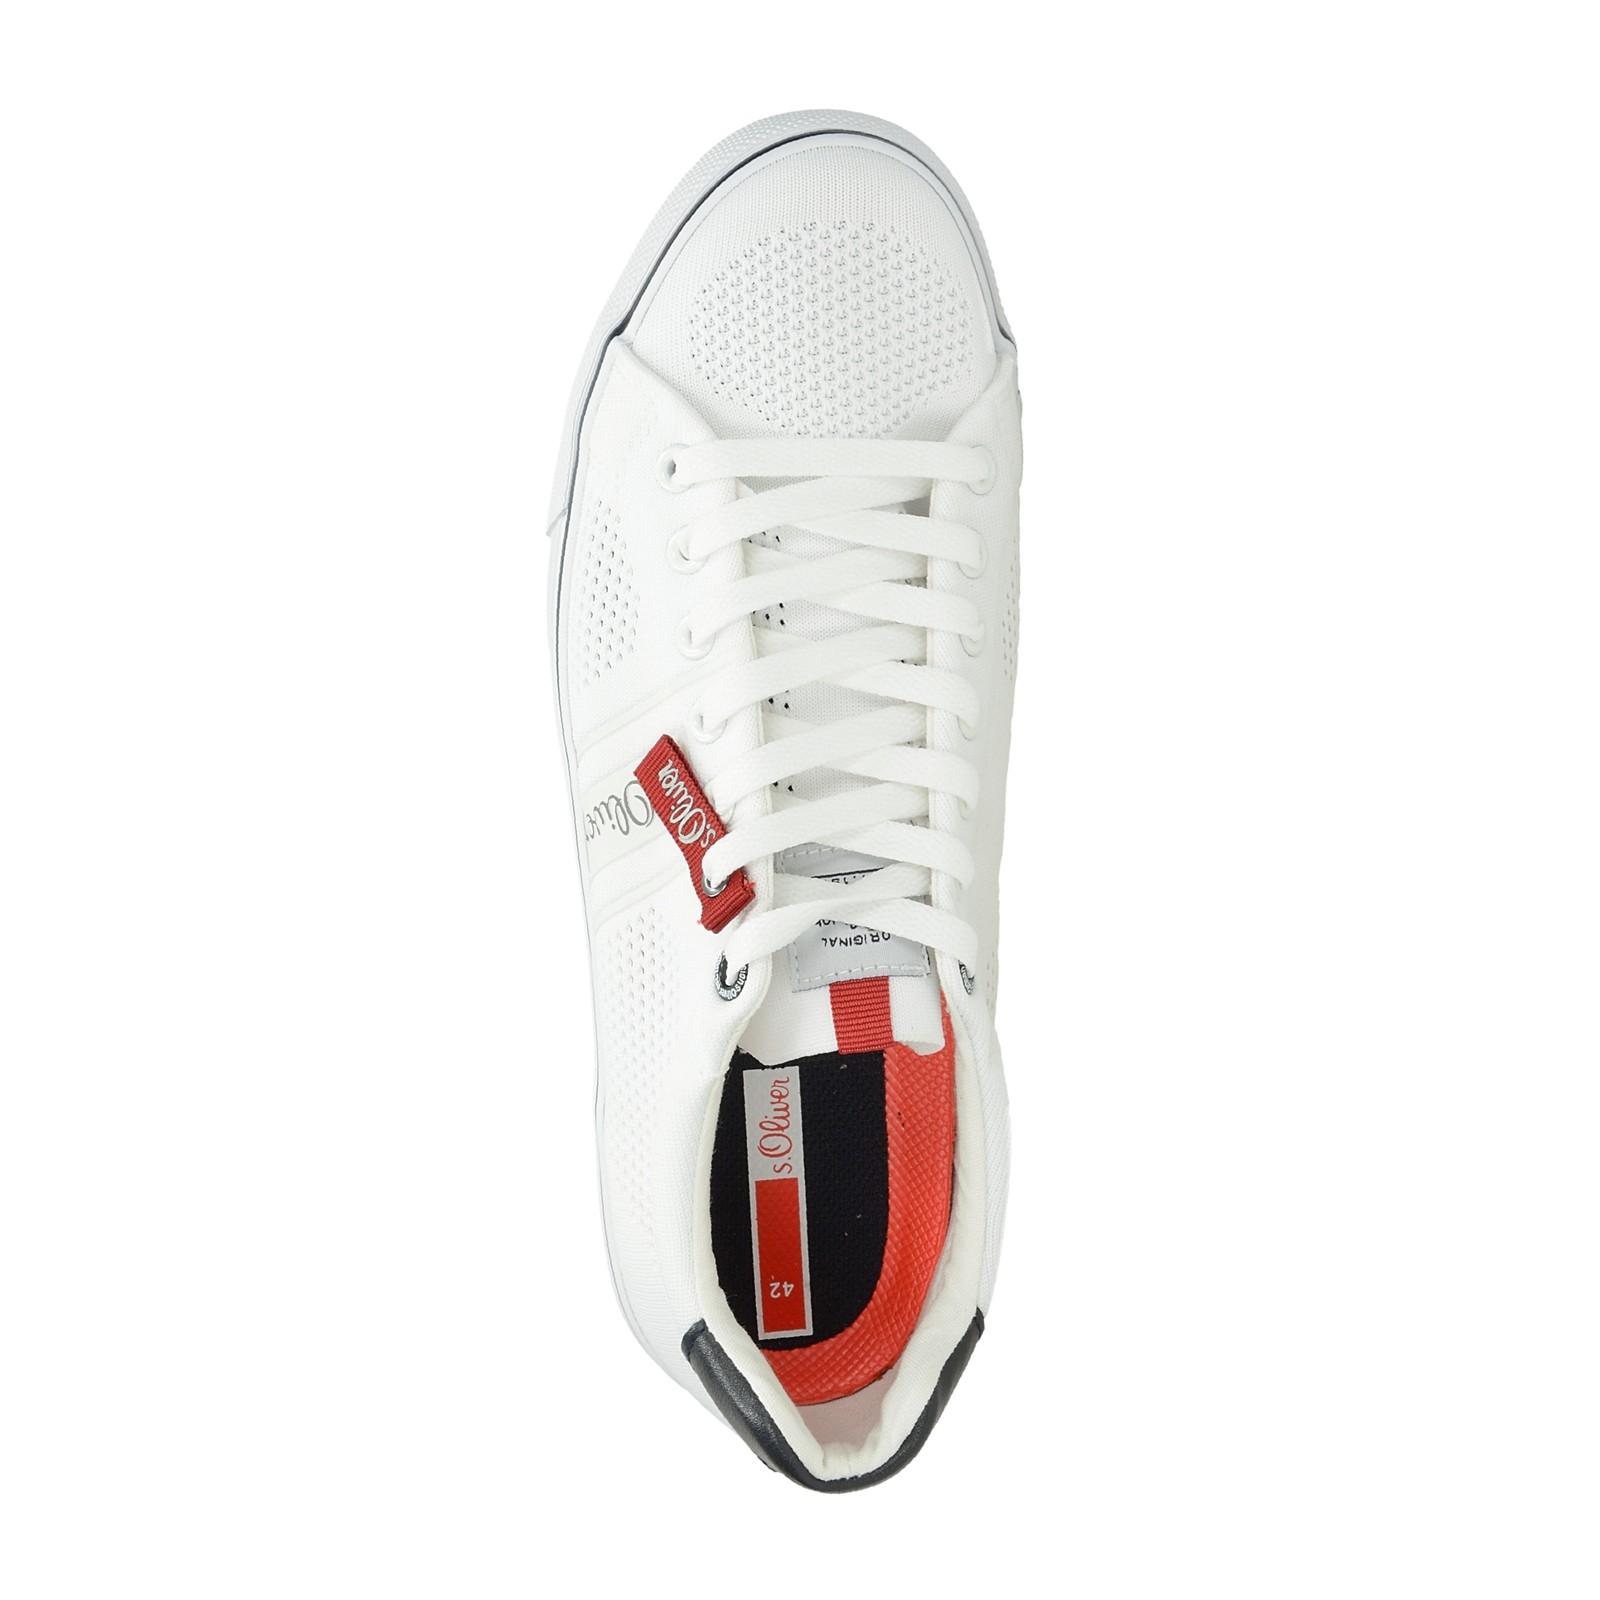 29157caeb4 s.Oliver pánske pohodlné tenisky - biele ...